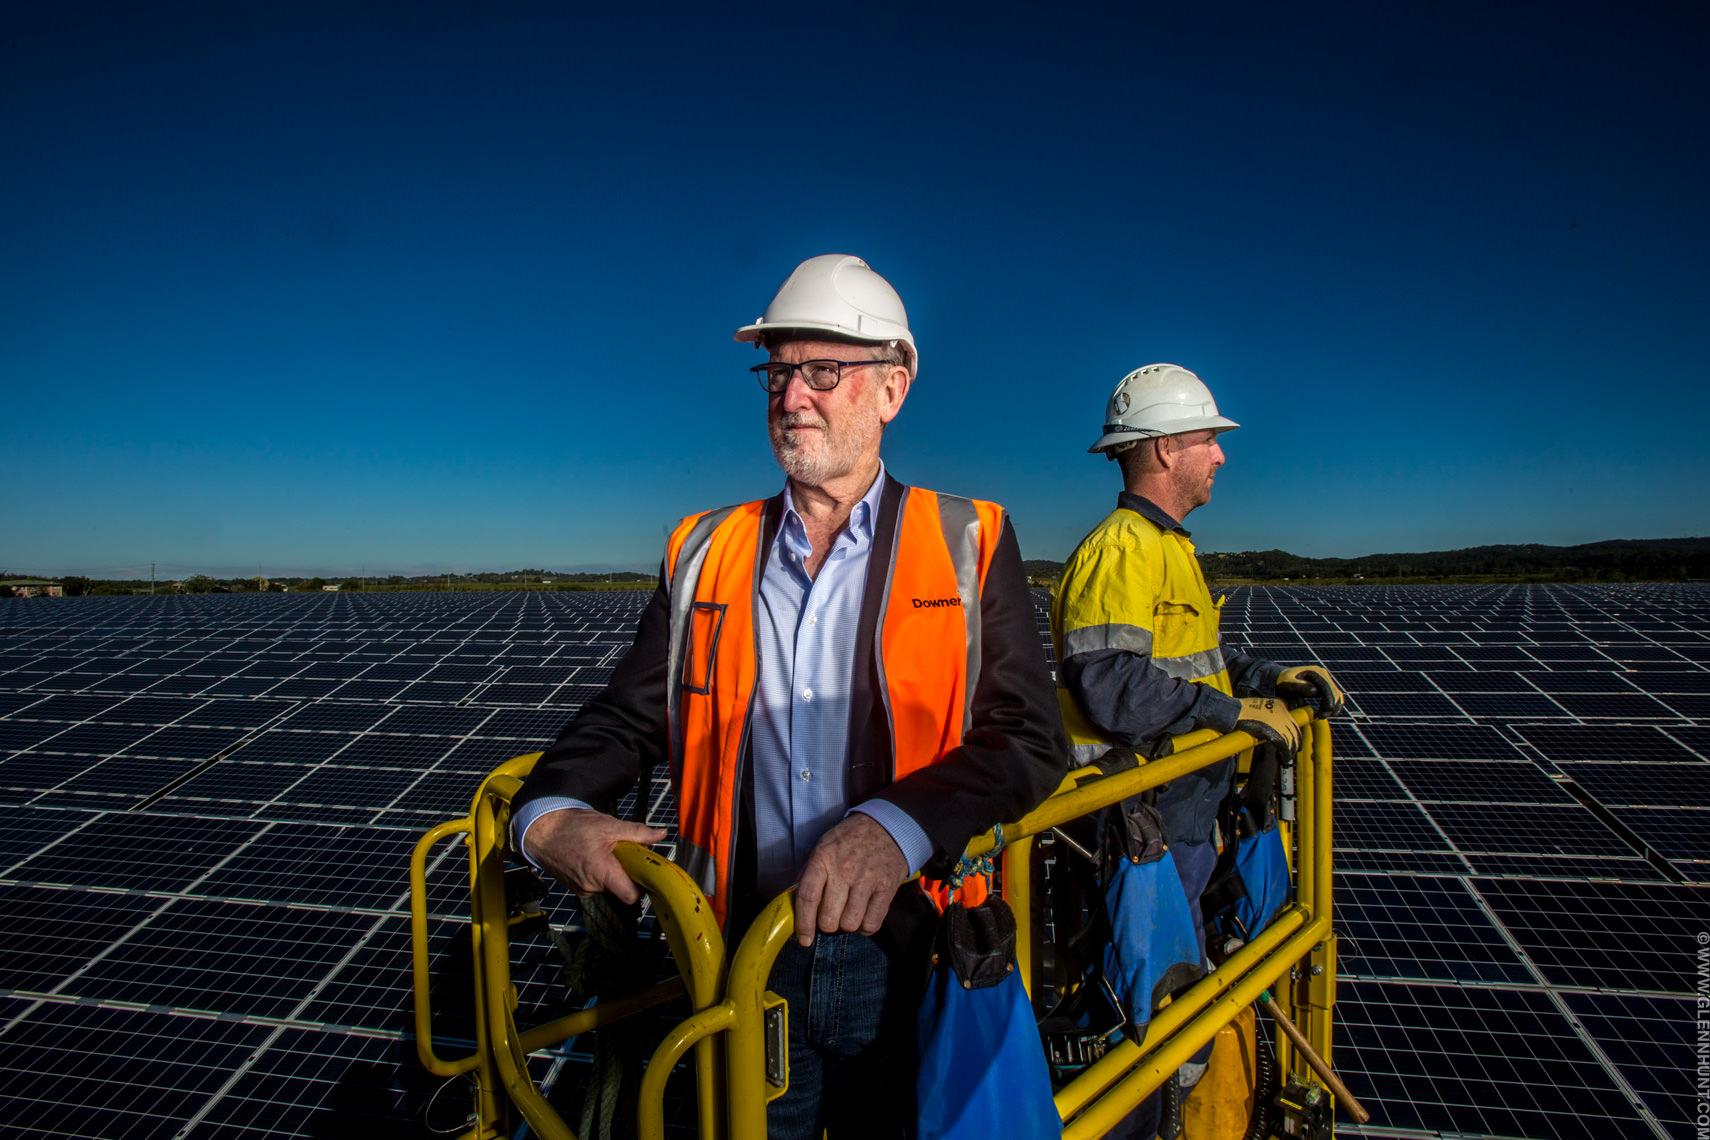 Brisbane commercial photographer Glenn Hunt